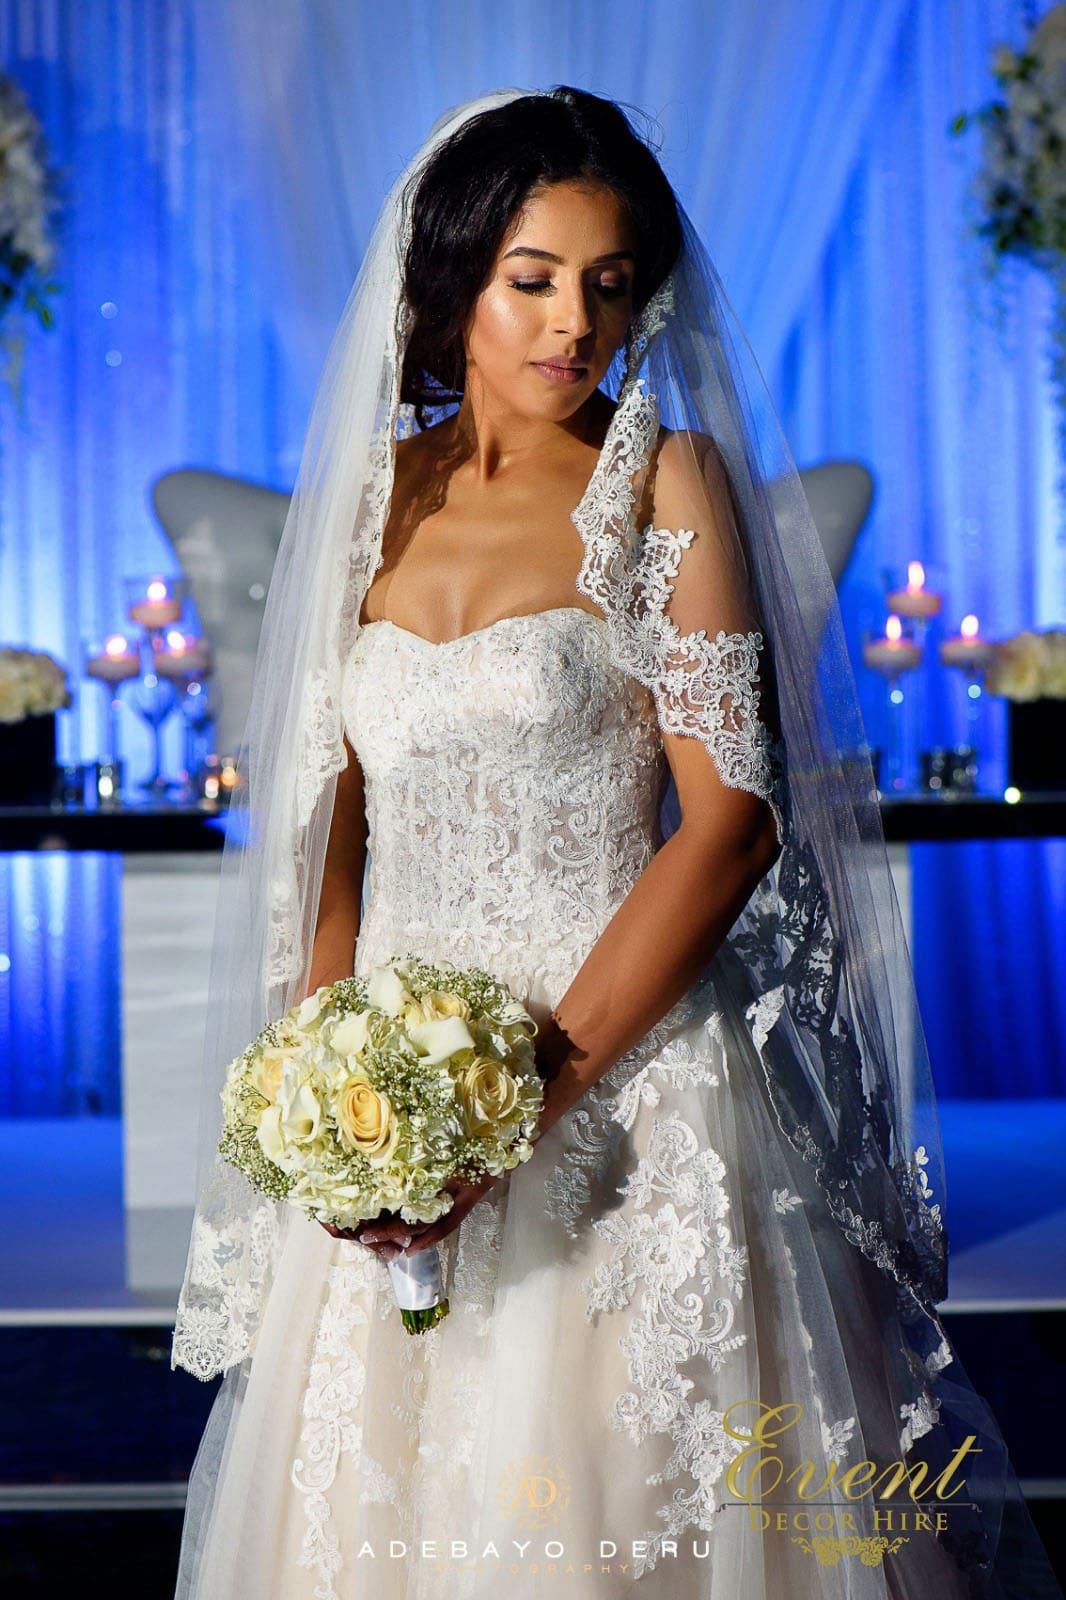 morocco bride wedding